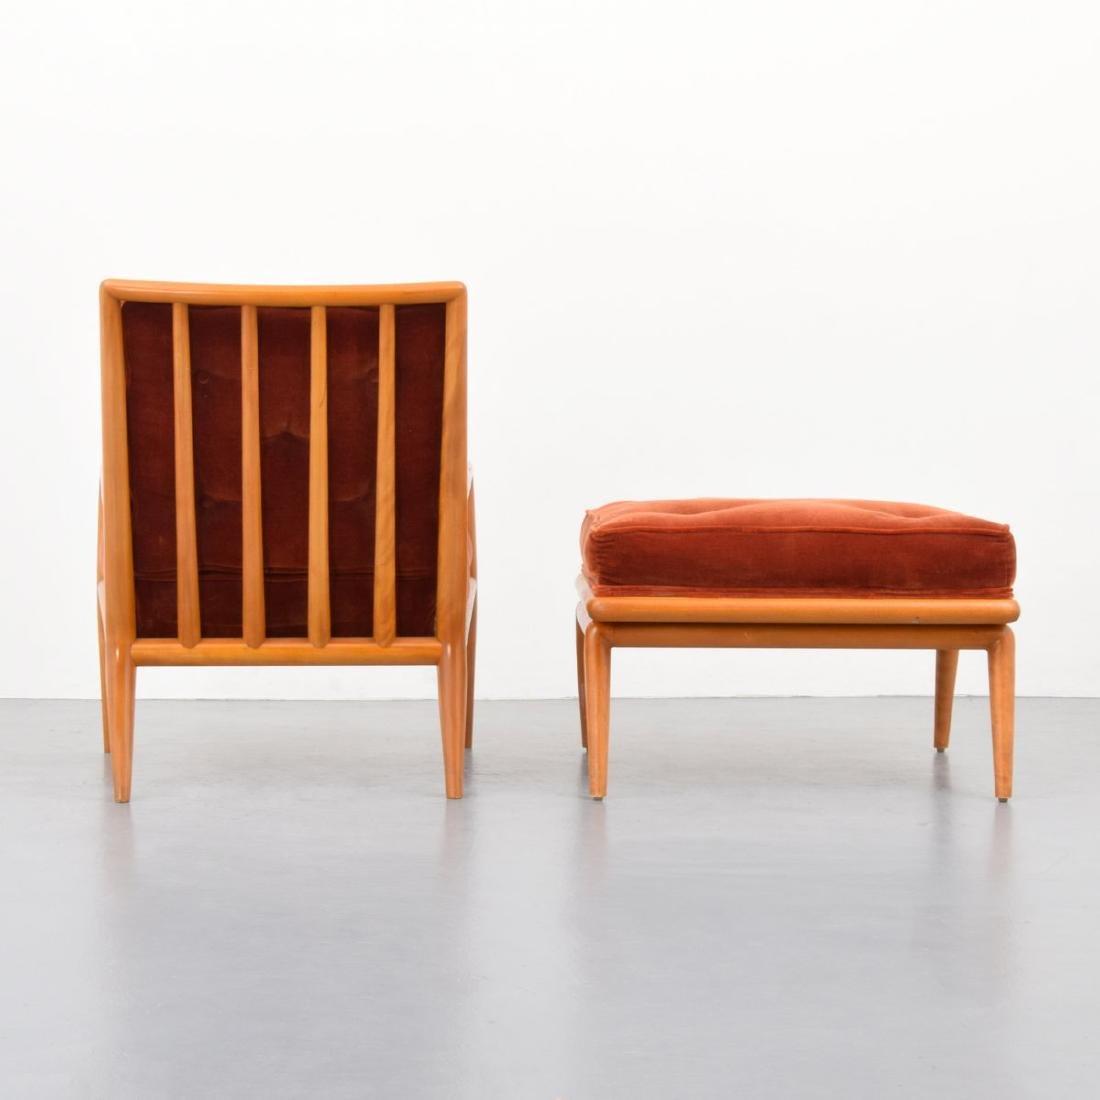 T.H. Robsjohn-Gibbings Lounge Chair & Ottoman - 3